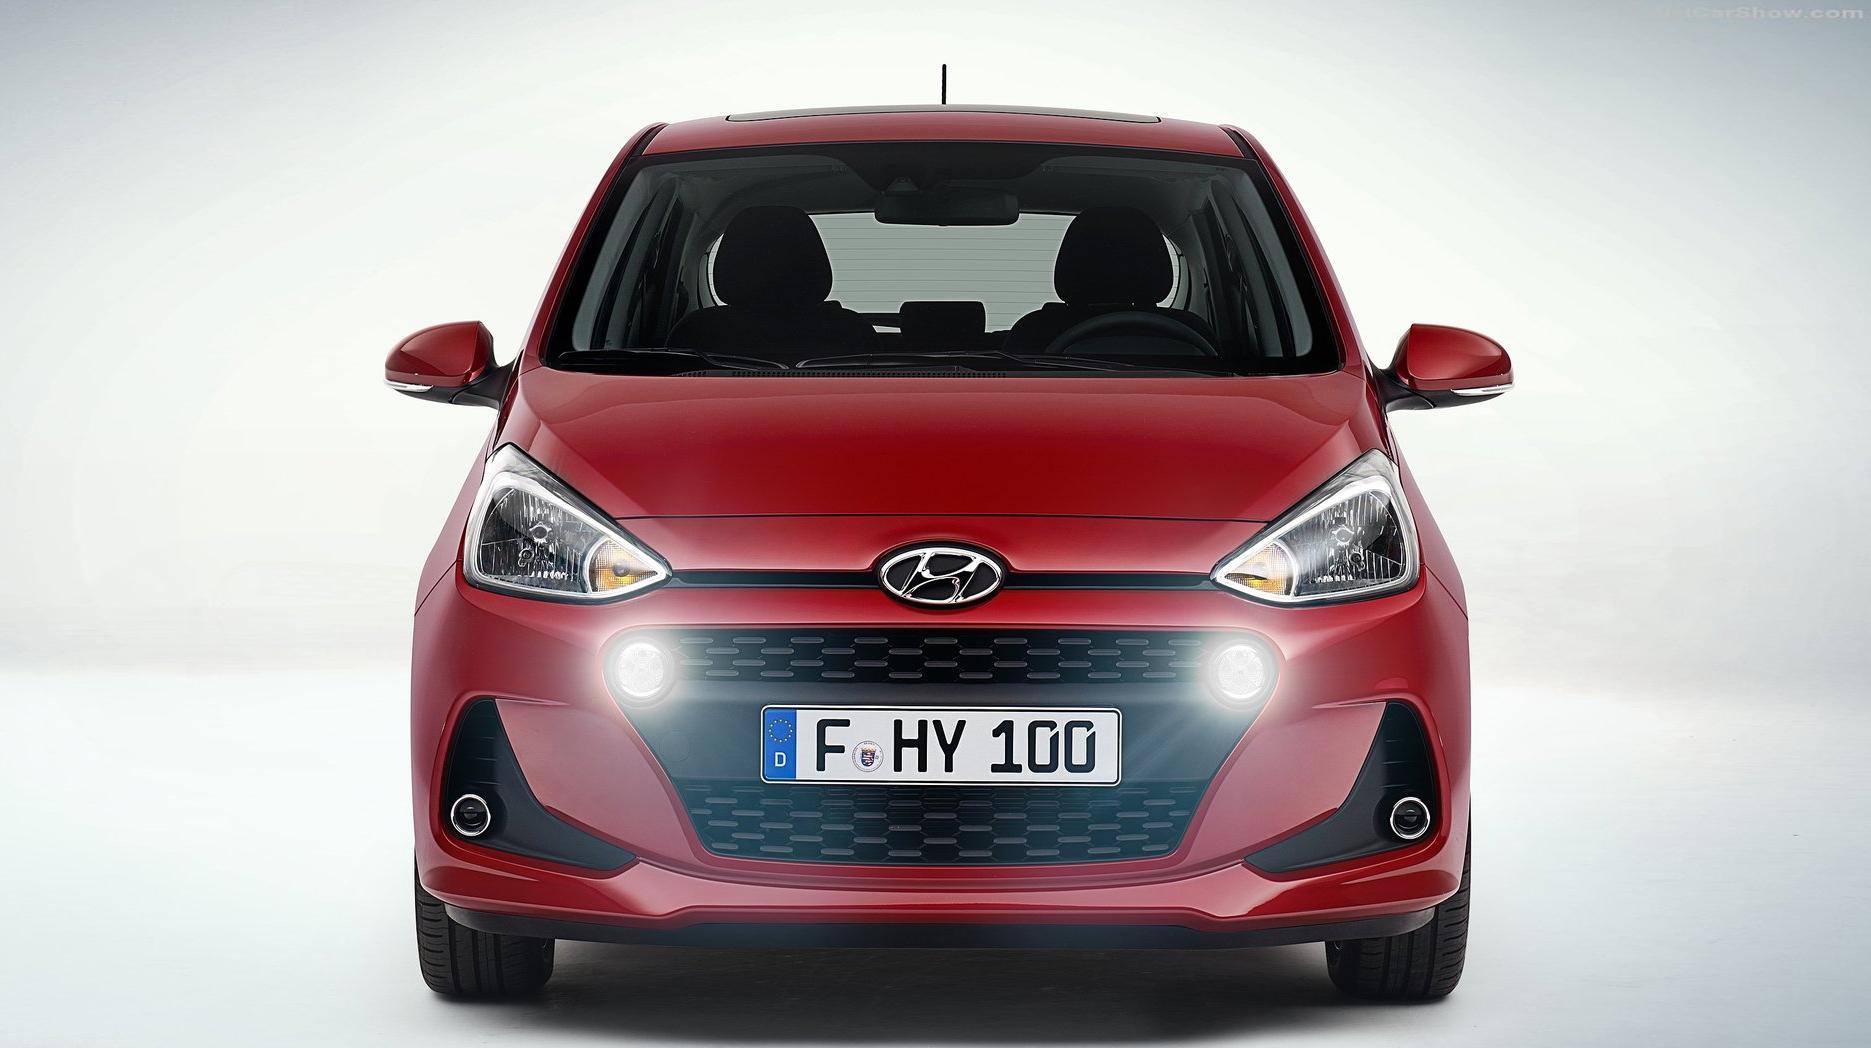 Hyundai-i10-2017 (5).jpg